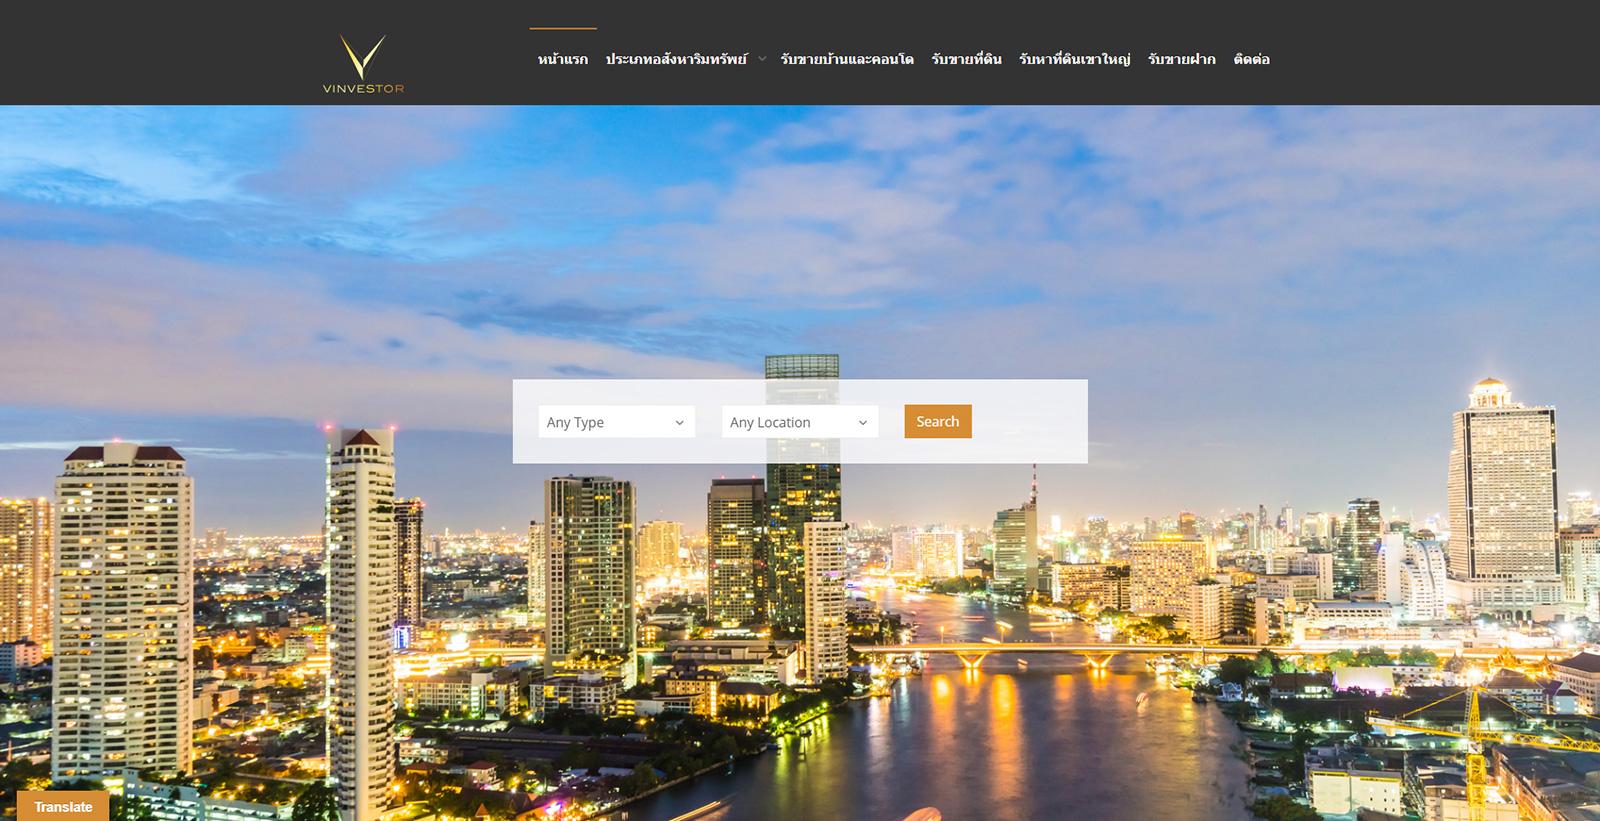 เว็บไซต์ The Vinvestor (บริการที่ใช้ : รับสร้างเว็บไซต์) ขนาดหน้าจอ Notebook